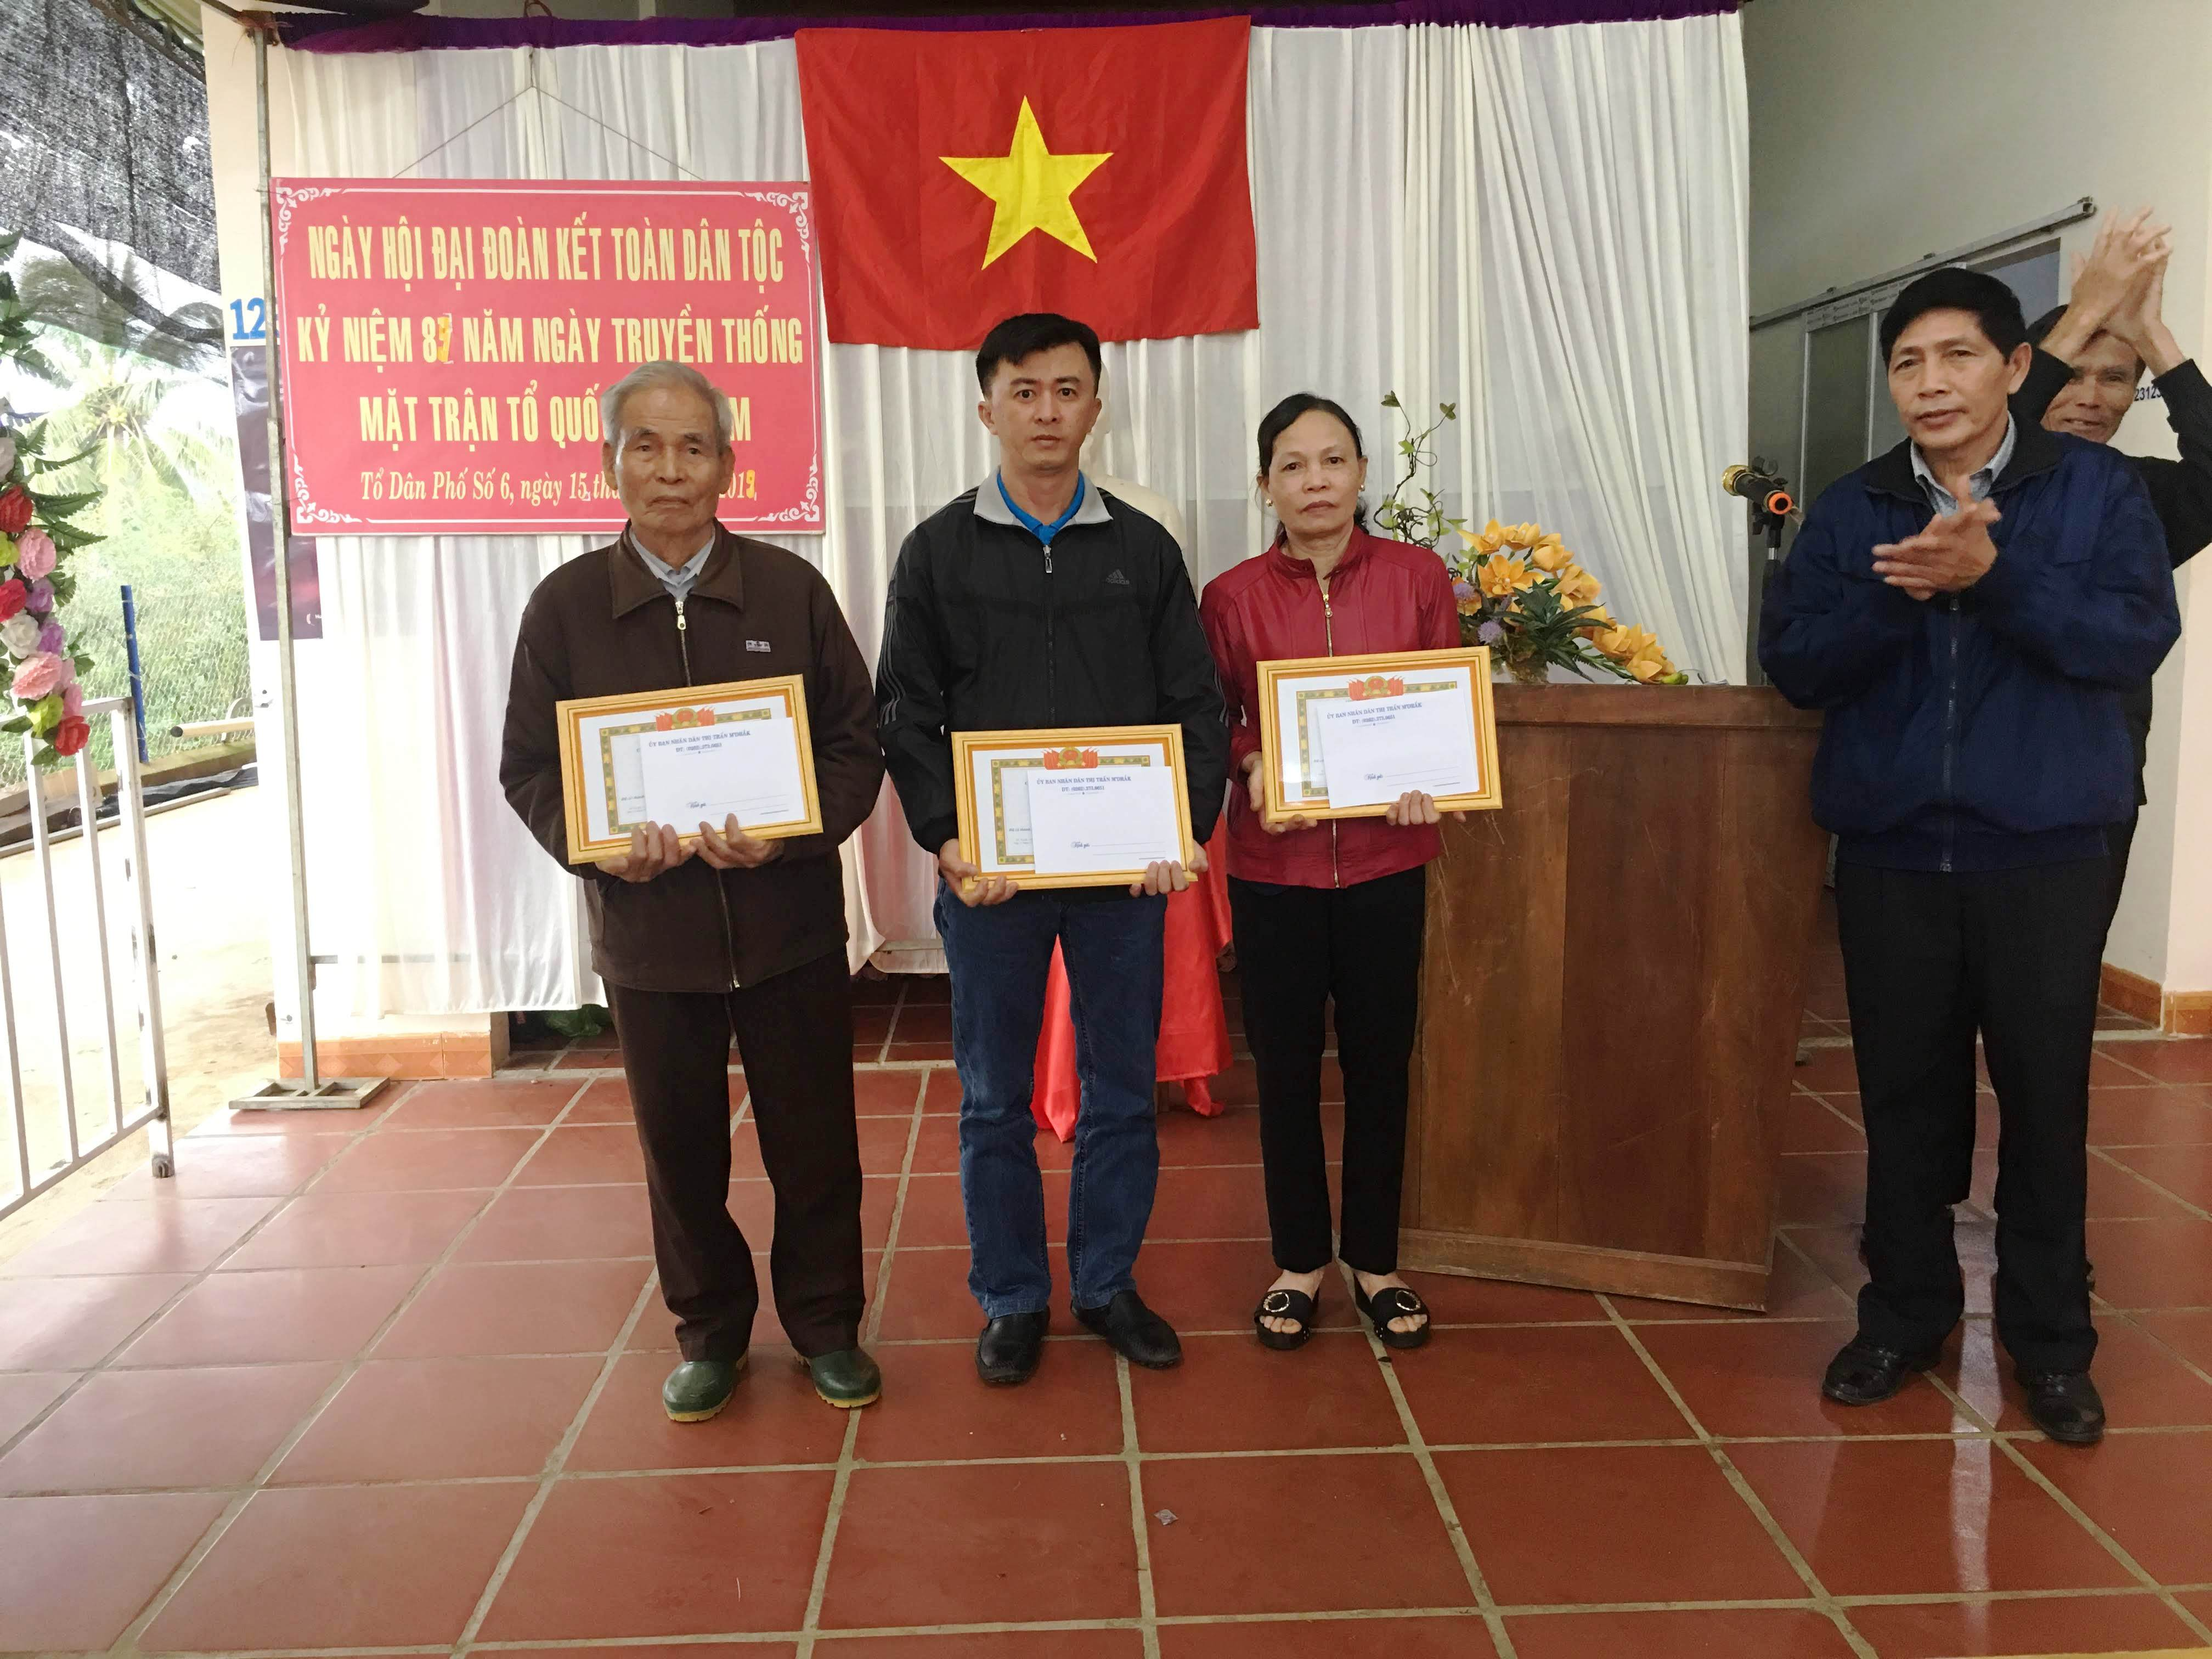 Huyện M'Drắk sôi nổi hoạt động nhân ngày hội đại đoàn kết toàn dân